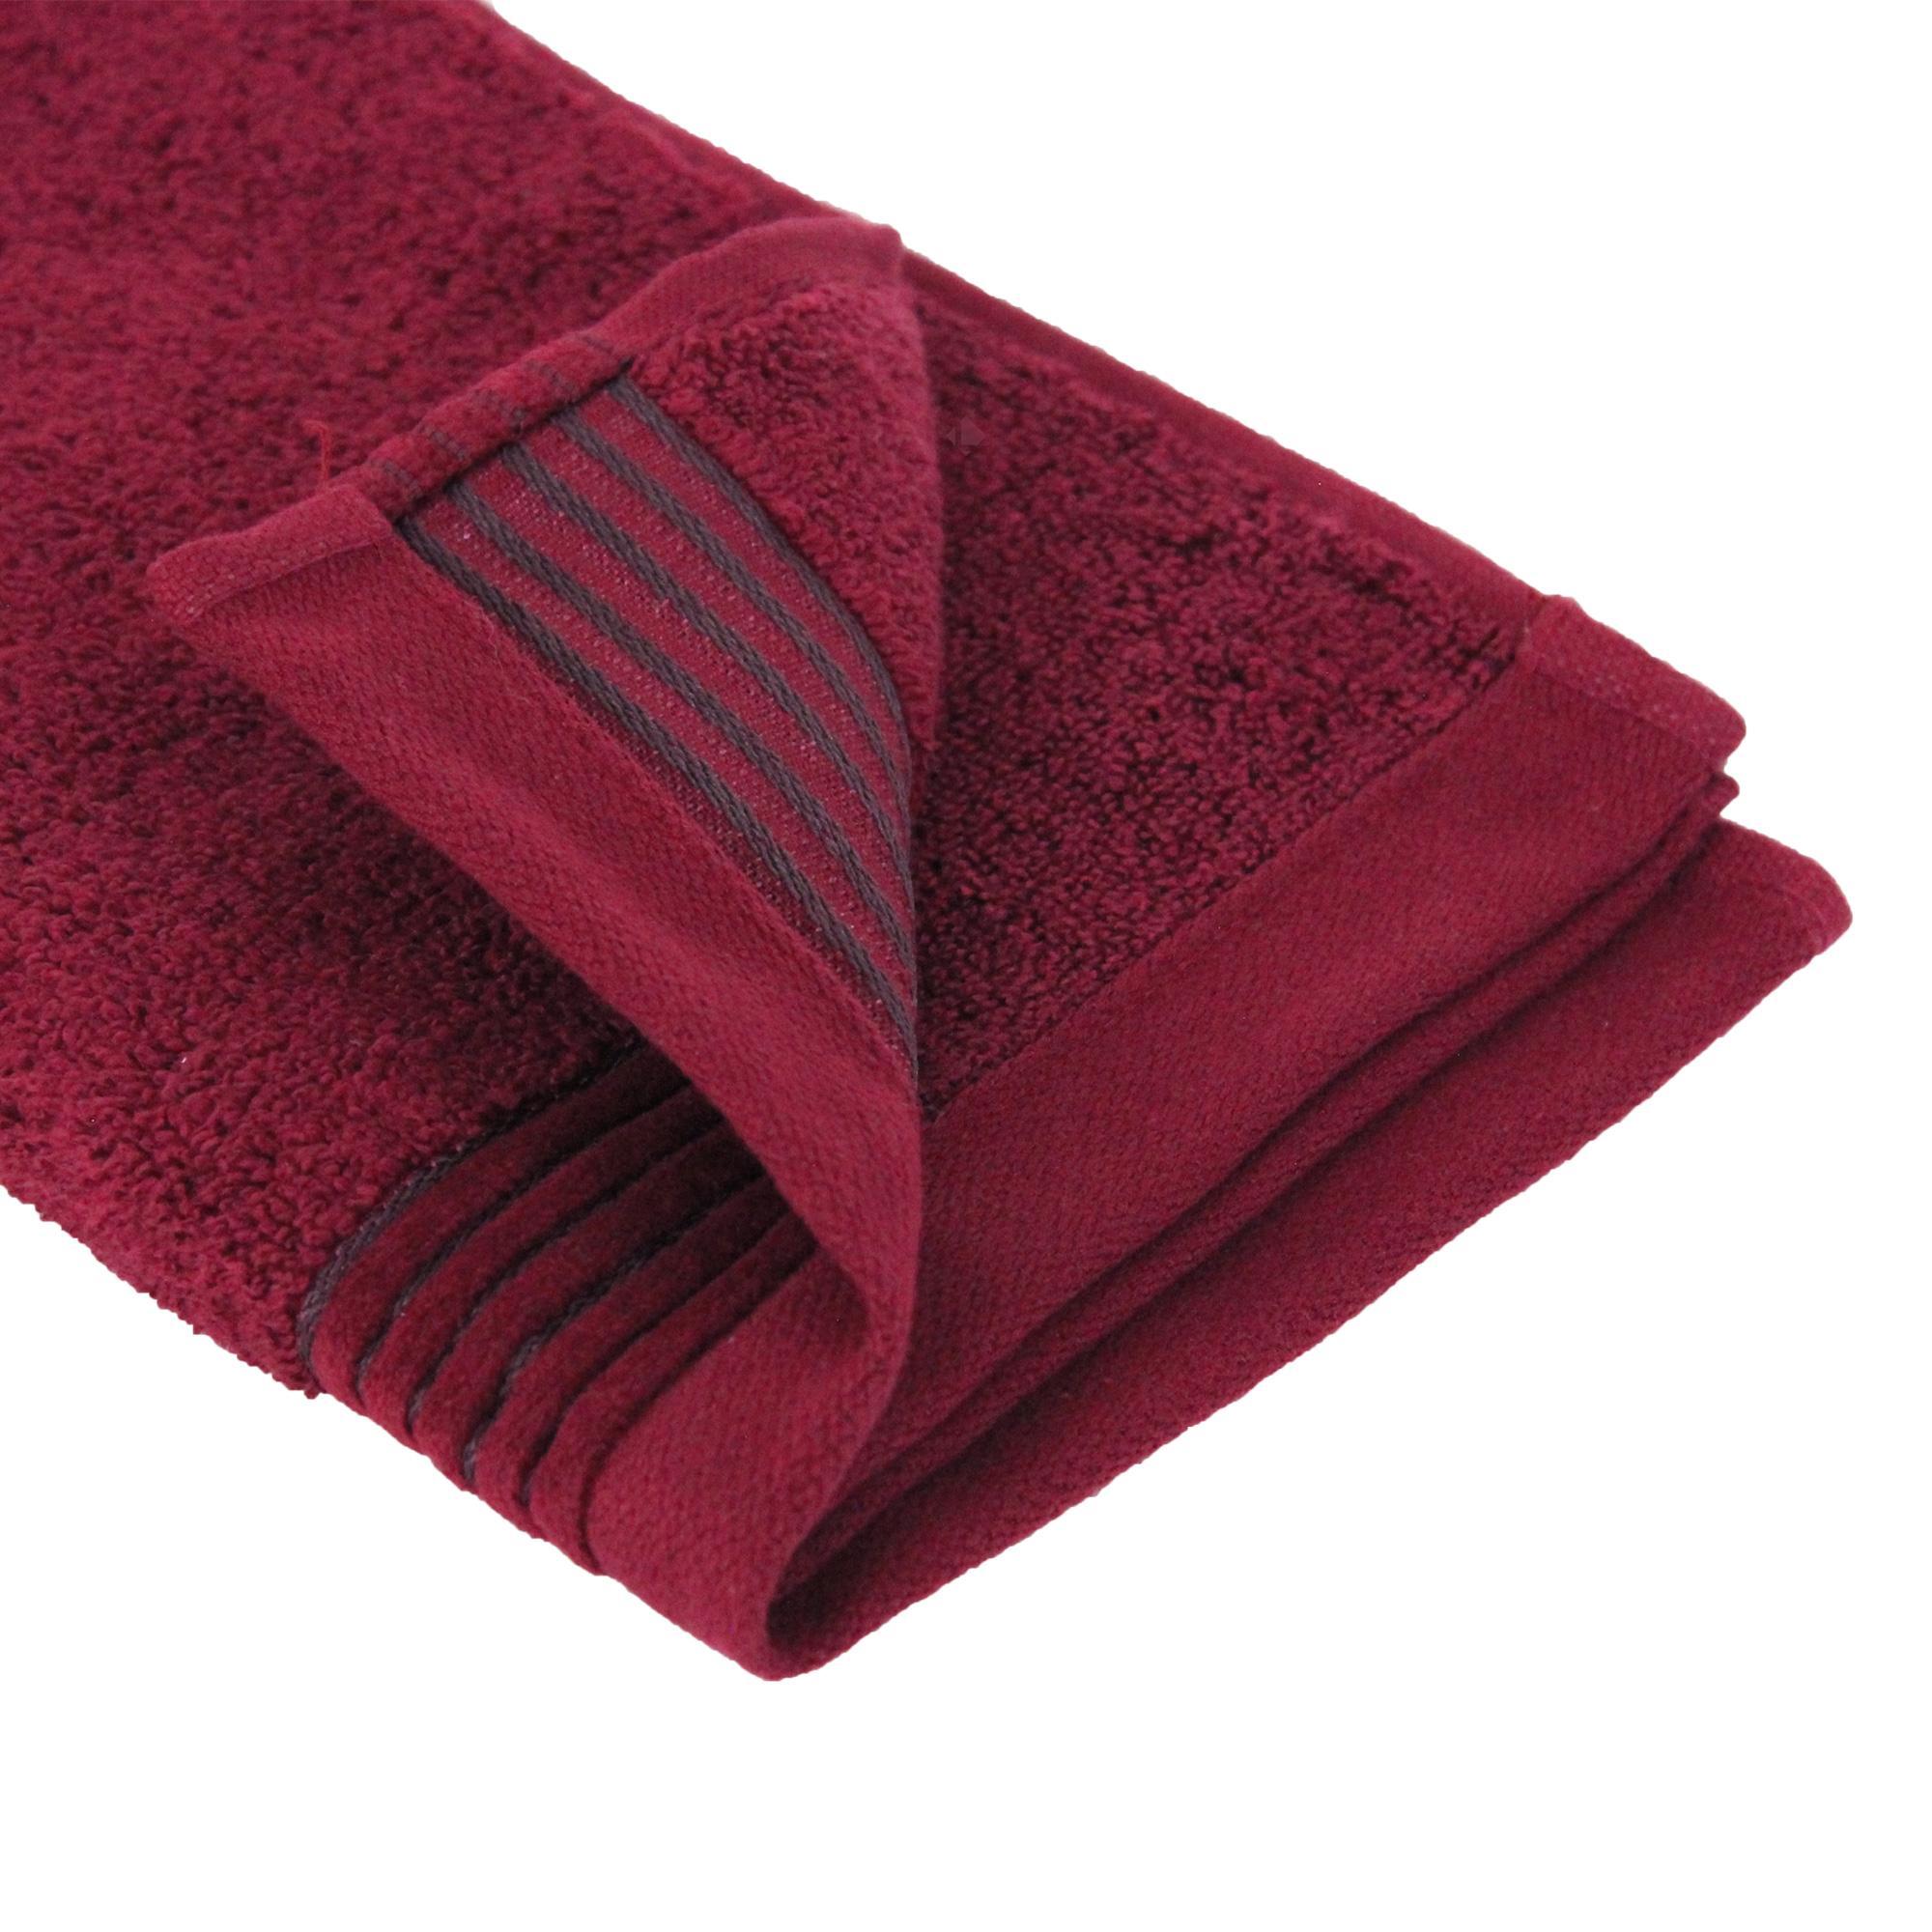 parure de bain 6 pi ces juliet rouge bordeaux 520 g m2 linnea linge de maison et. Black Bedroom Furniture Sets. Home Design Ideas